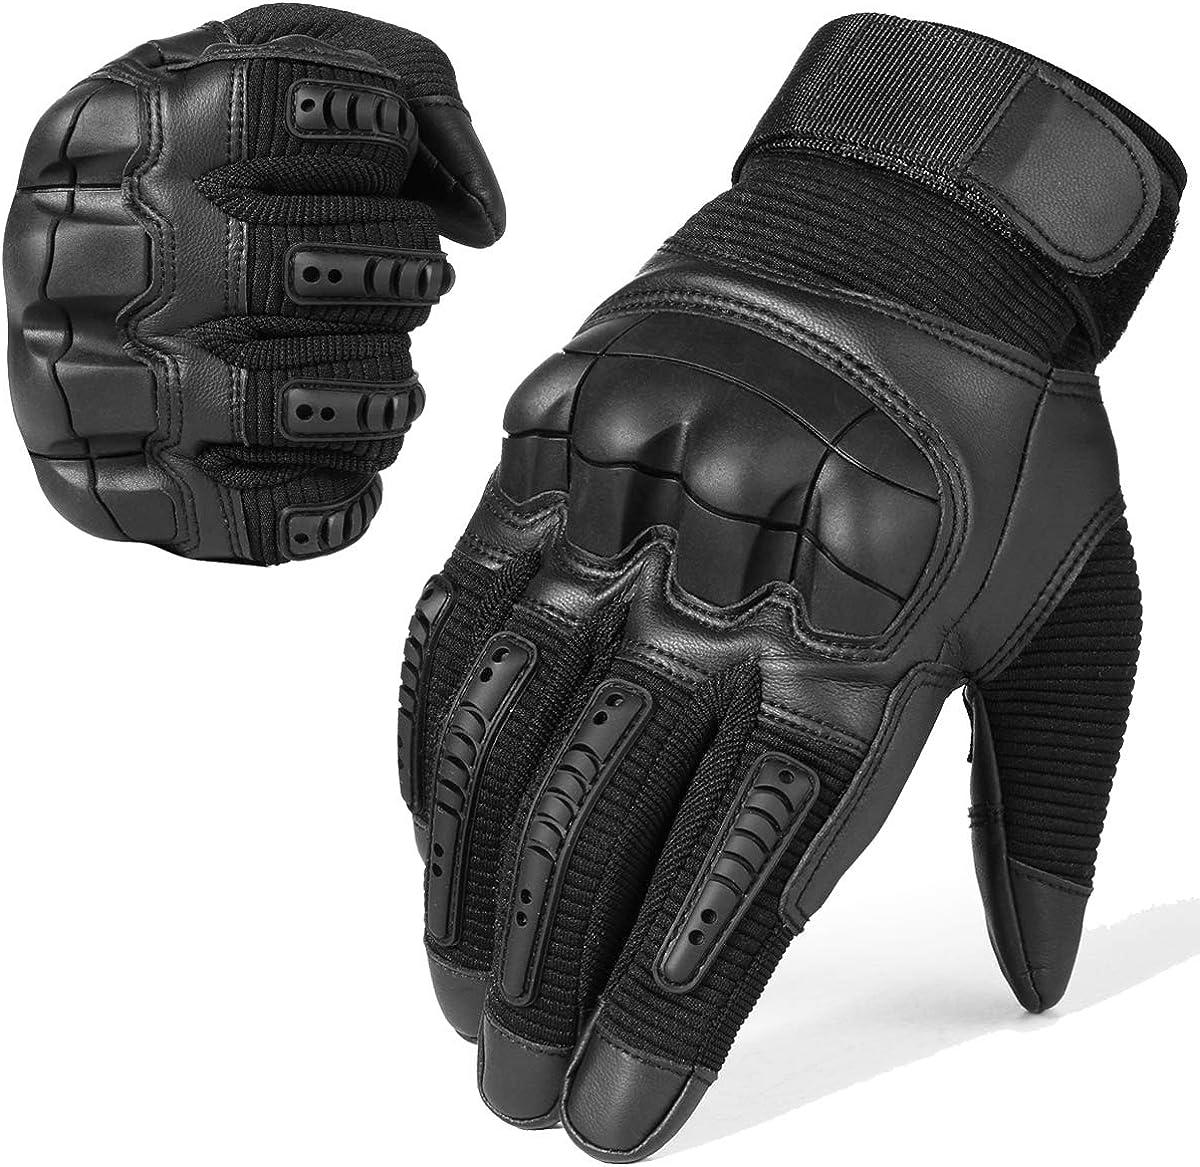 Windfest Taktische Handschuhe Display Nutzbare Men Damen Armee Guantes Tacticos